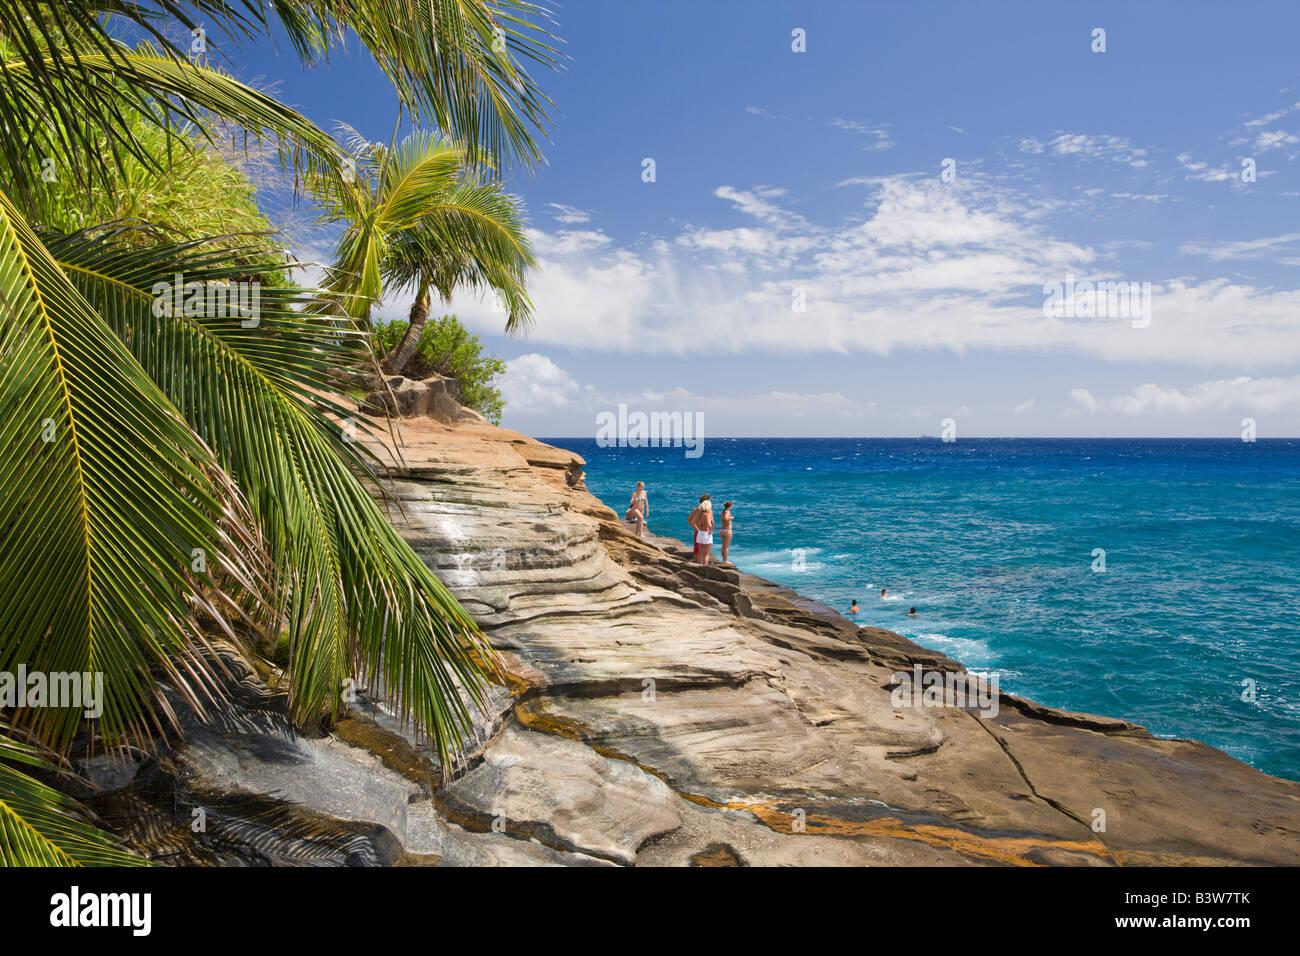 Tourists at Chinawall Rocks at Kawaihoa Point Oahu Pacific Ocean Hawaii USA - Stock Image